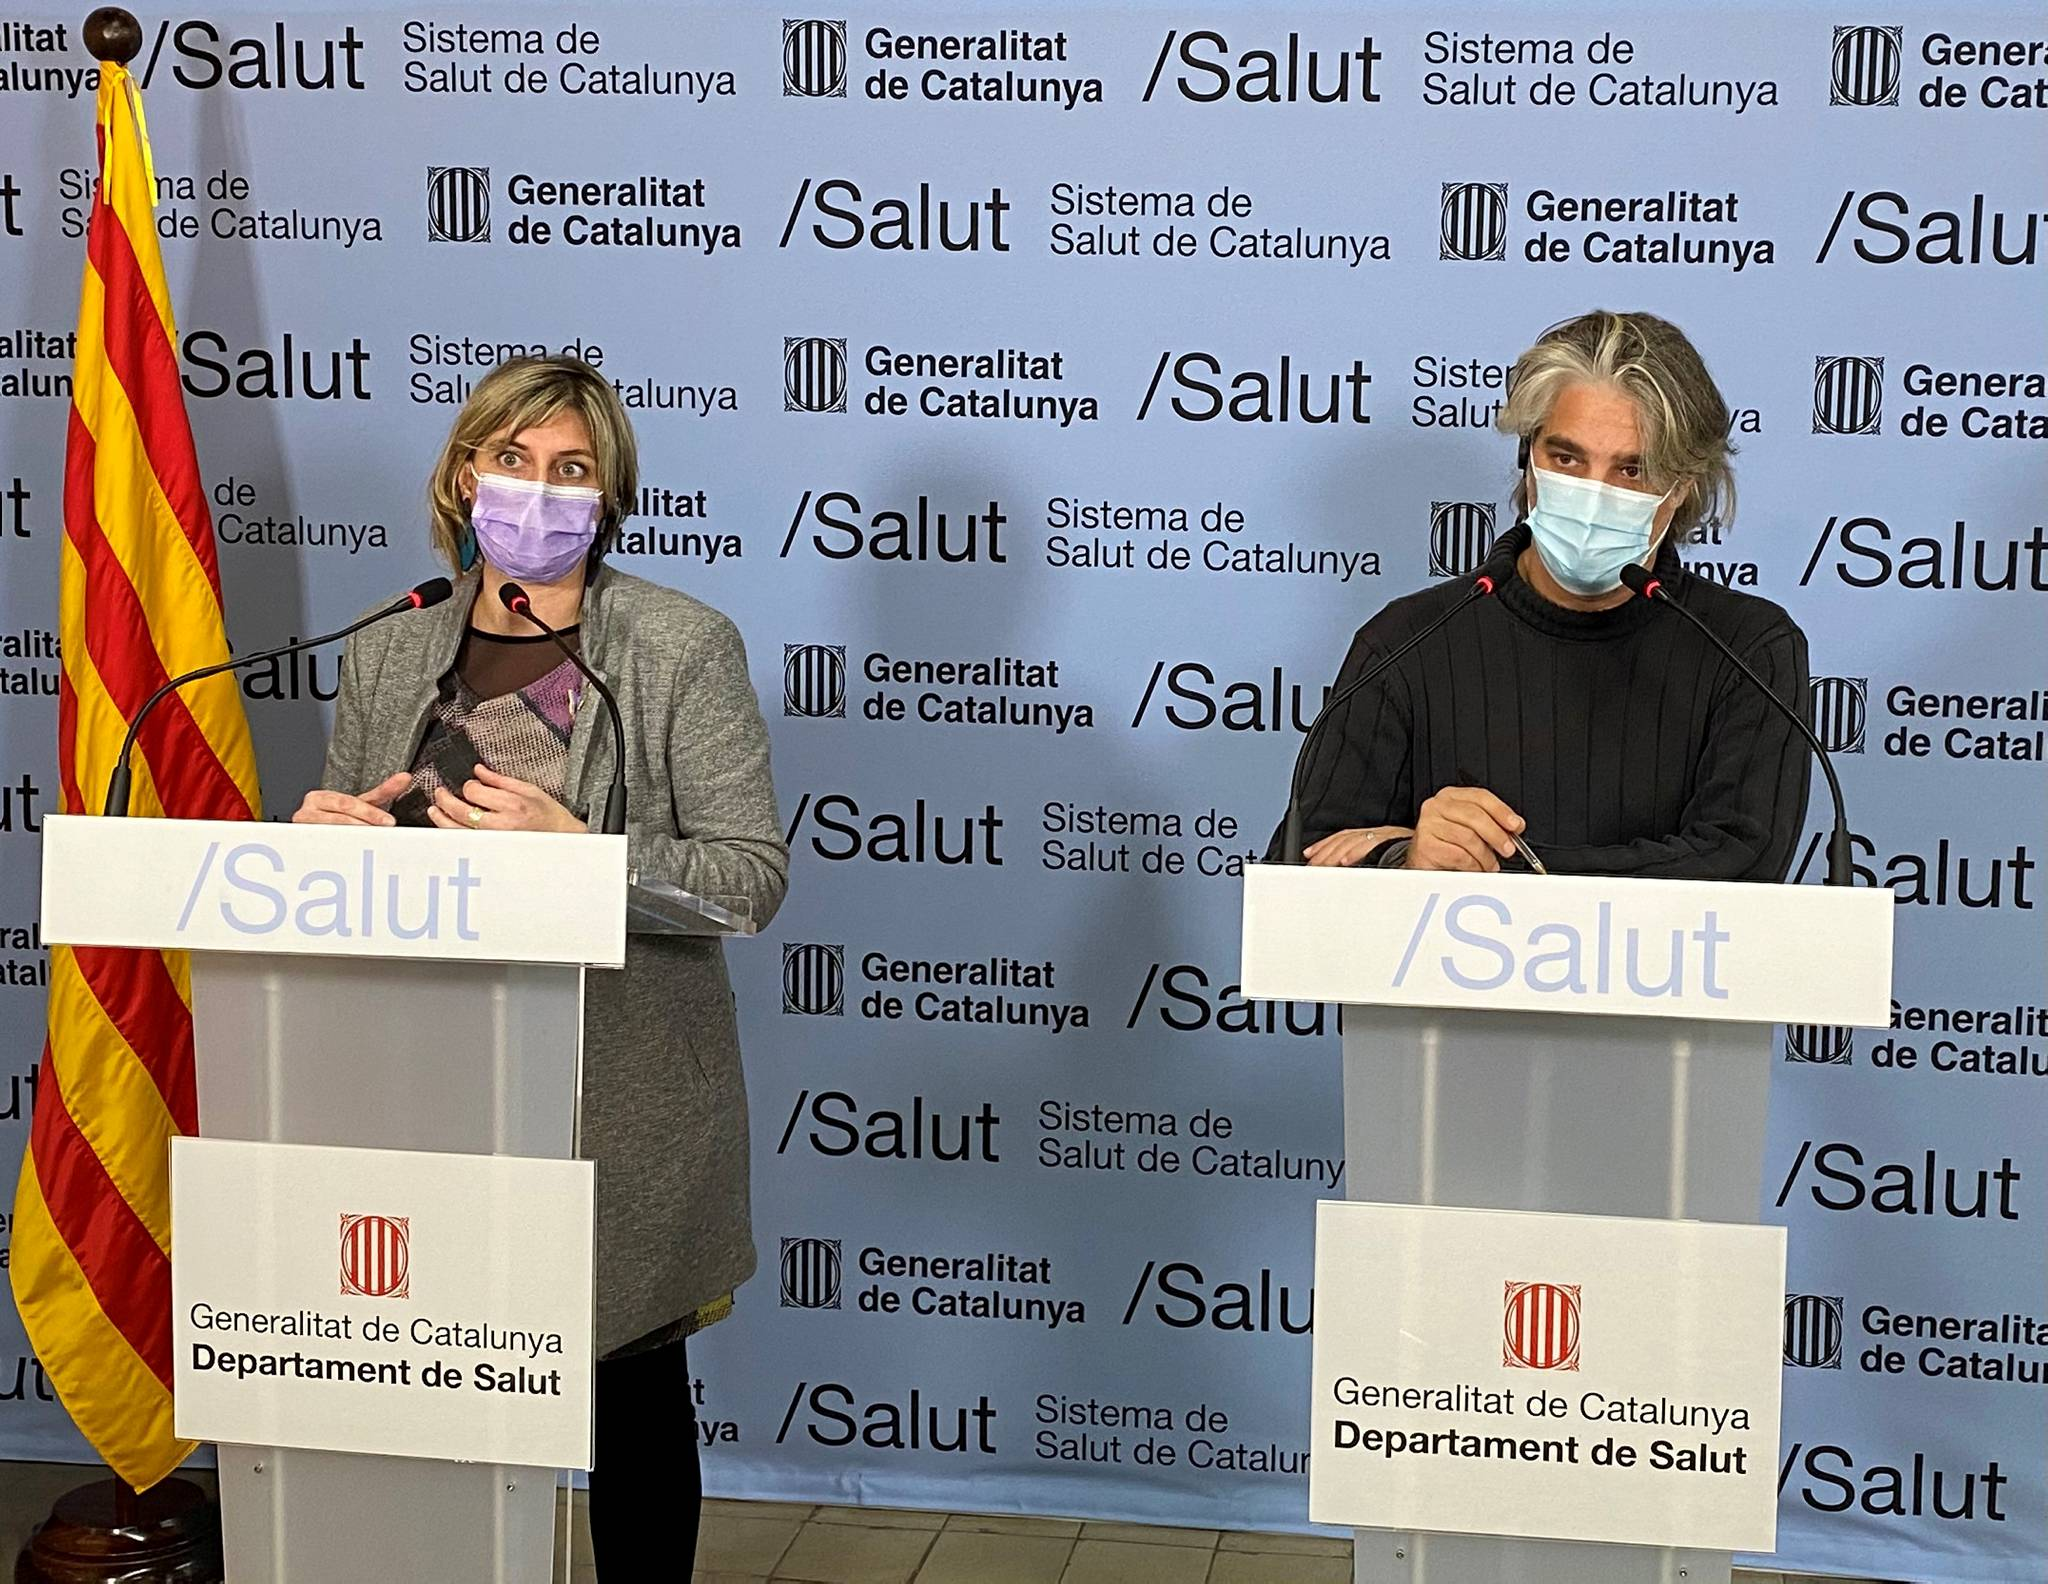 La consejera catalana de Salud, Alba Vergés, y el coordinador de la unidad de seguimiento de Covid-19 en Cataluña, Jacobo Mendioroz, en una rueda de prensa el 11 de enero de 2021   Premsa/Generalitat de Catalunya